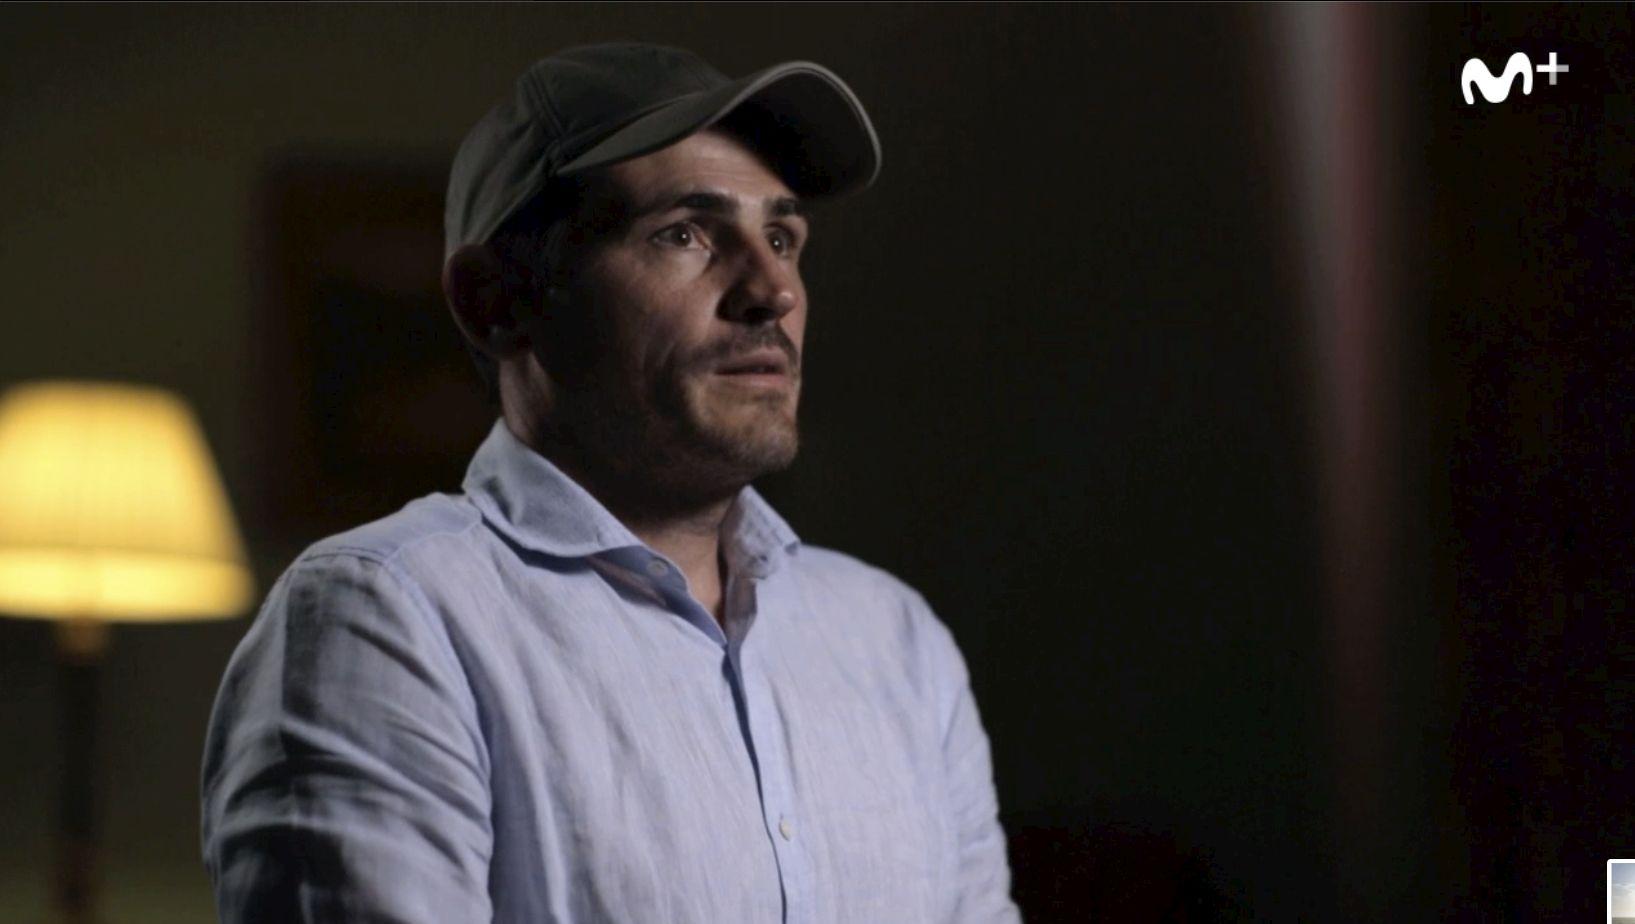 Iker Casillas pone tierra de por medio tras anunciar su ruptura con Sara Carbonero